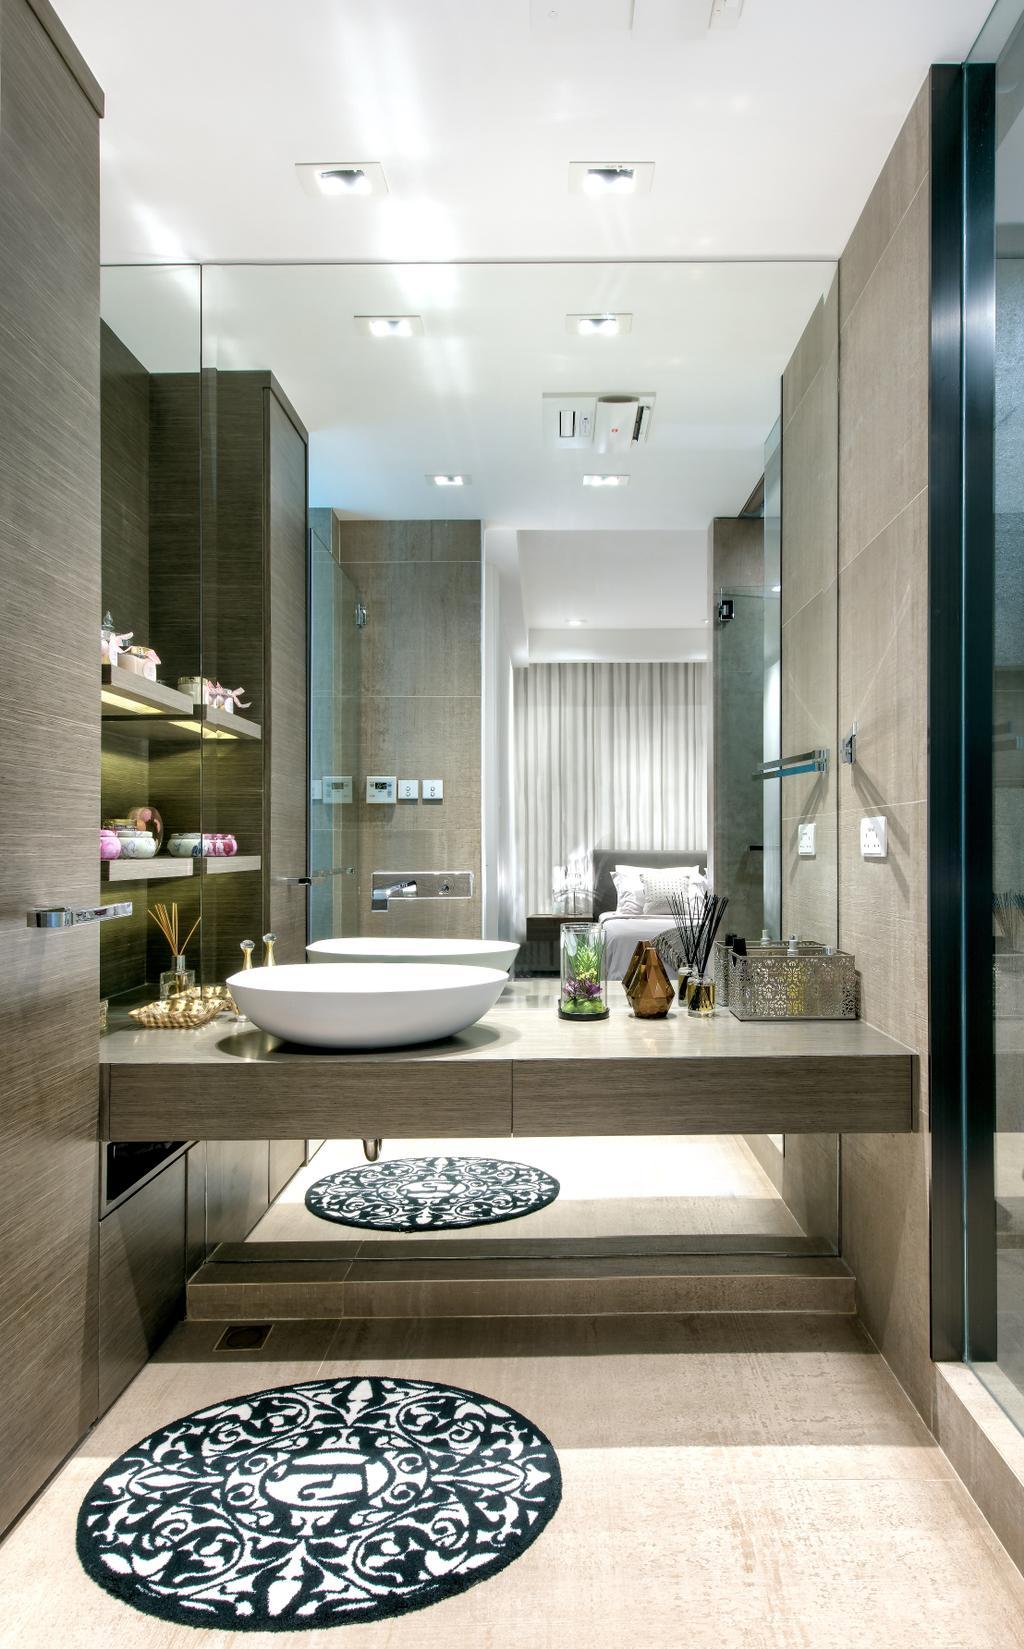 摩登, 獨立屋, 浴室, Casa Marina, 室內設計師, 畫斯室內設計, Indoors, Interior Design, Room